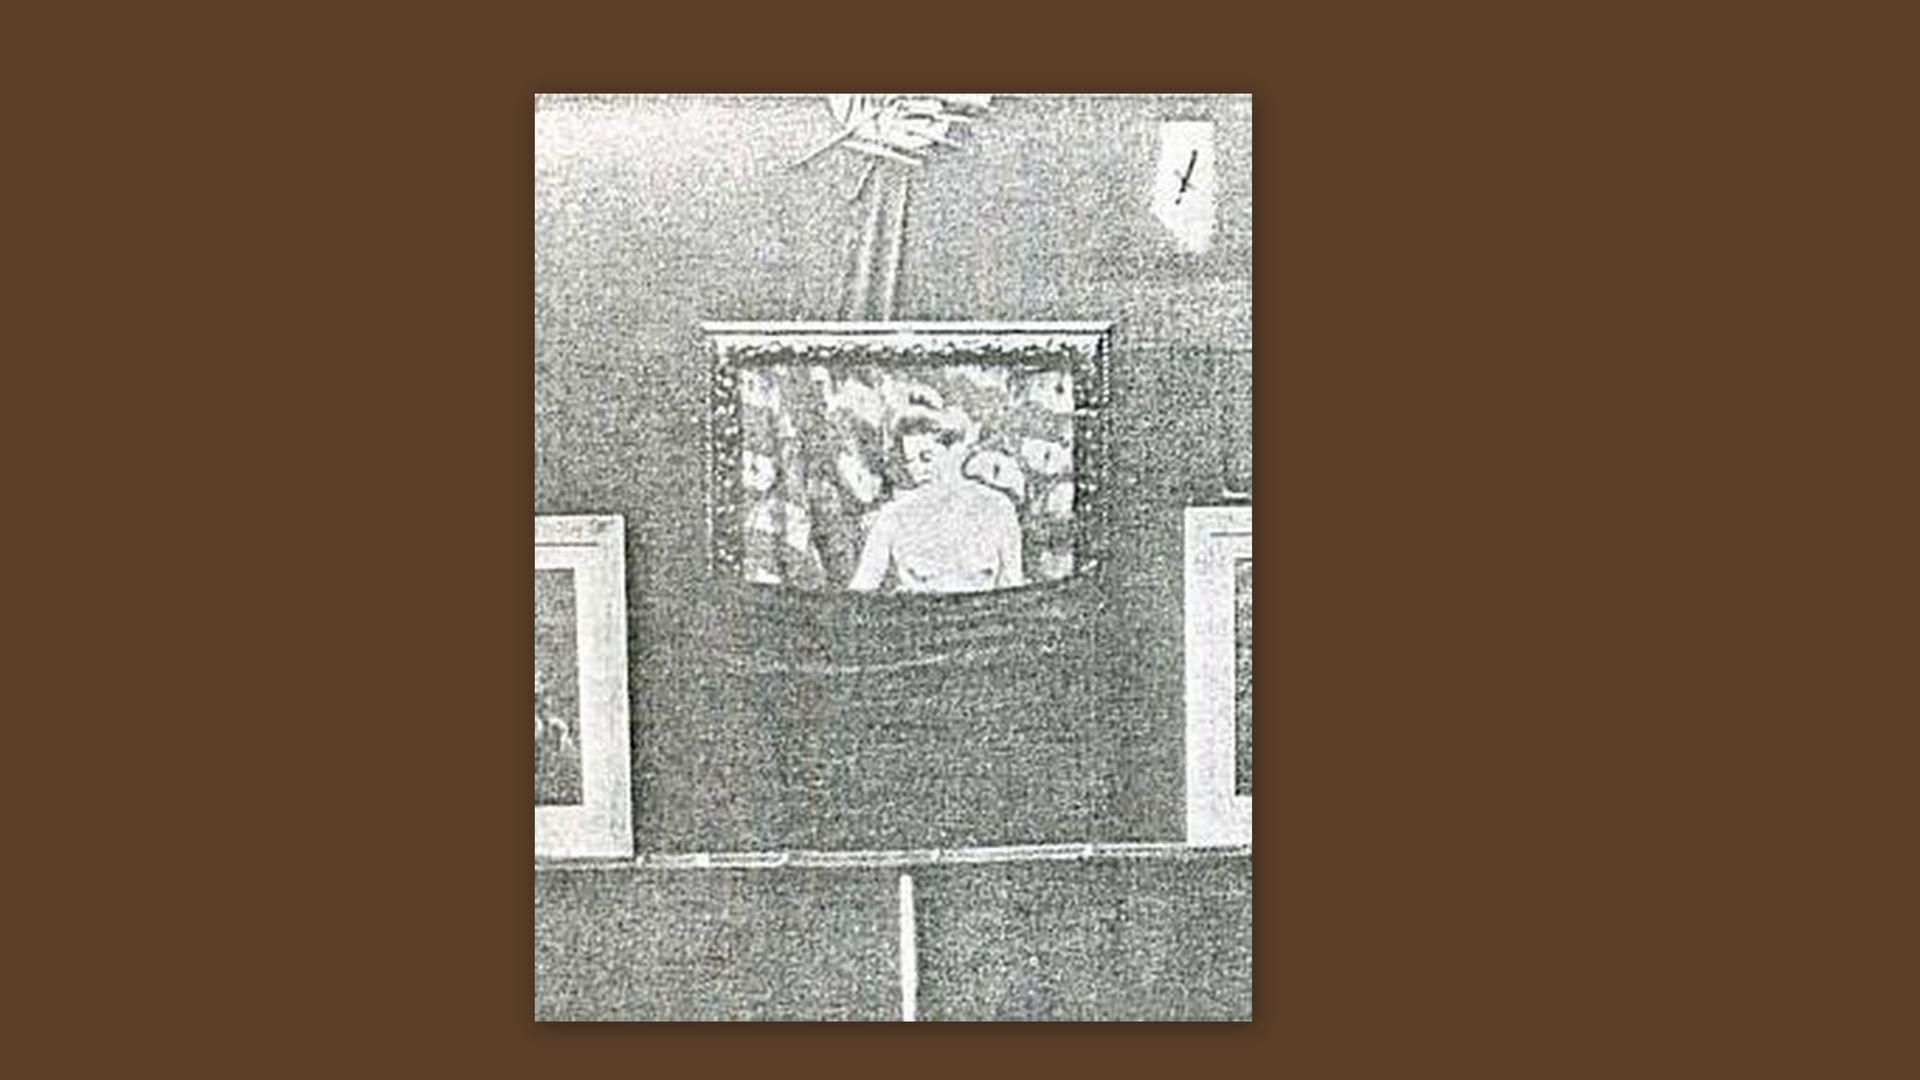 テレビニュースを見ていて、島根県奥出雲町で「藝術か猥褻か」 と町議会で論...  森の中のアルル